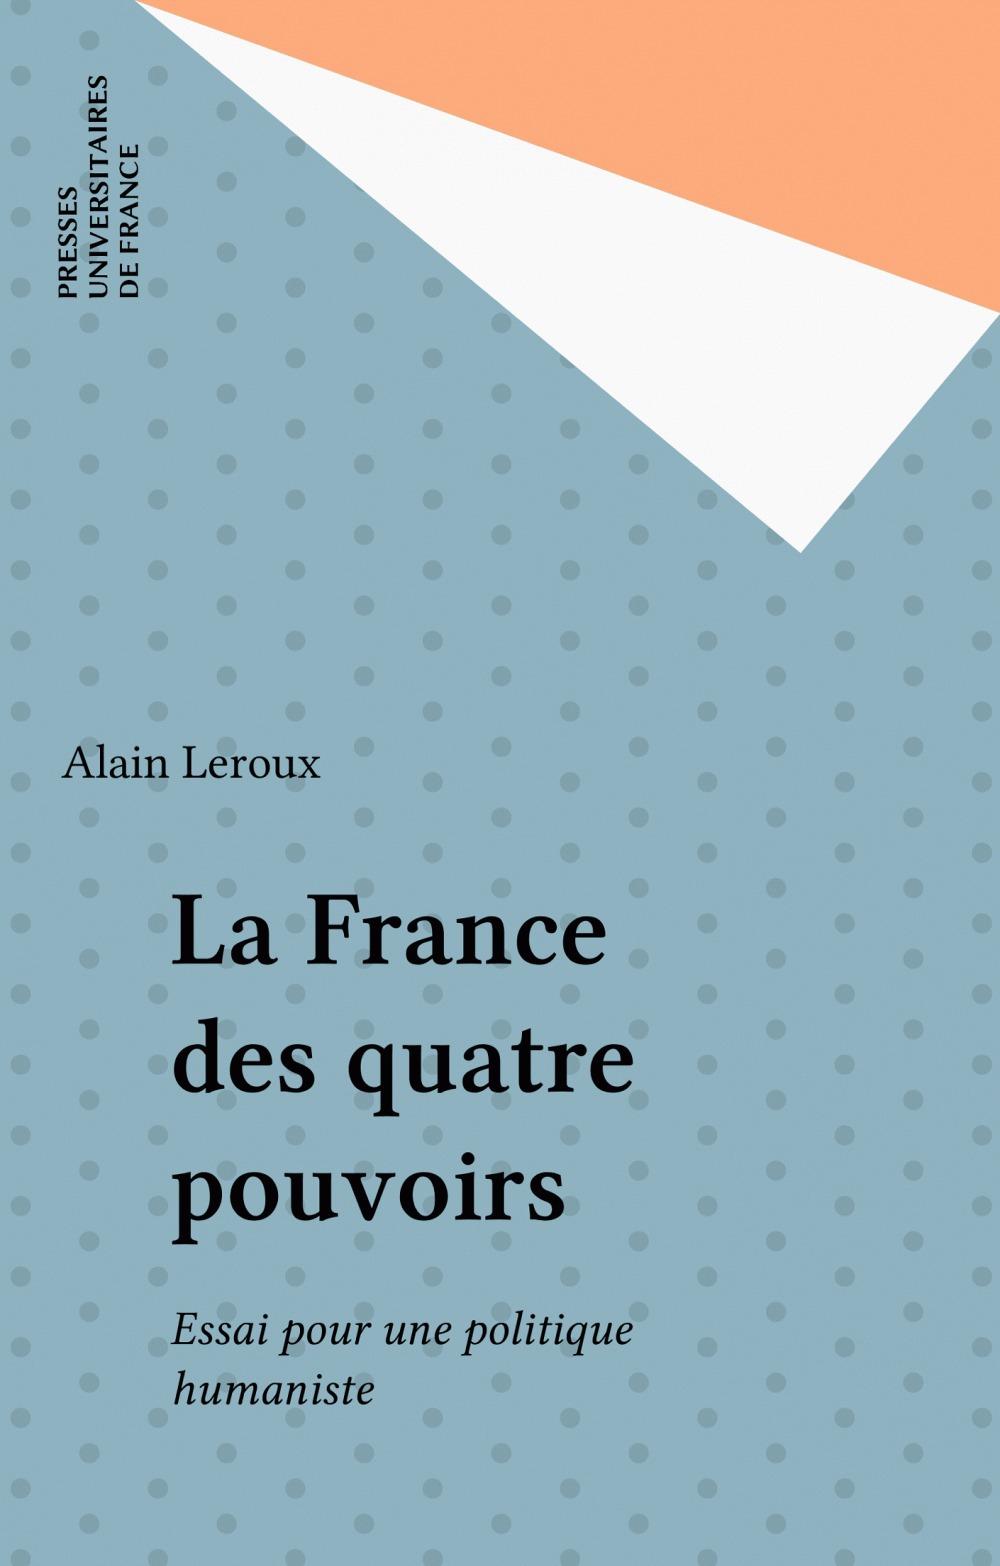 La France des quatre pouvoirs